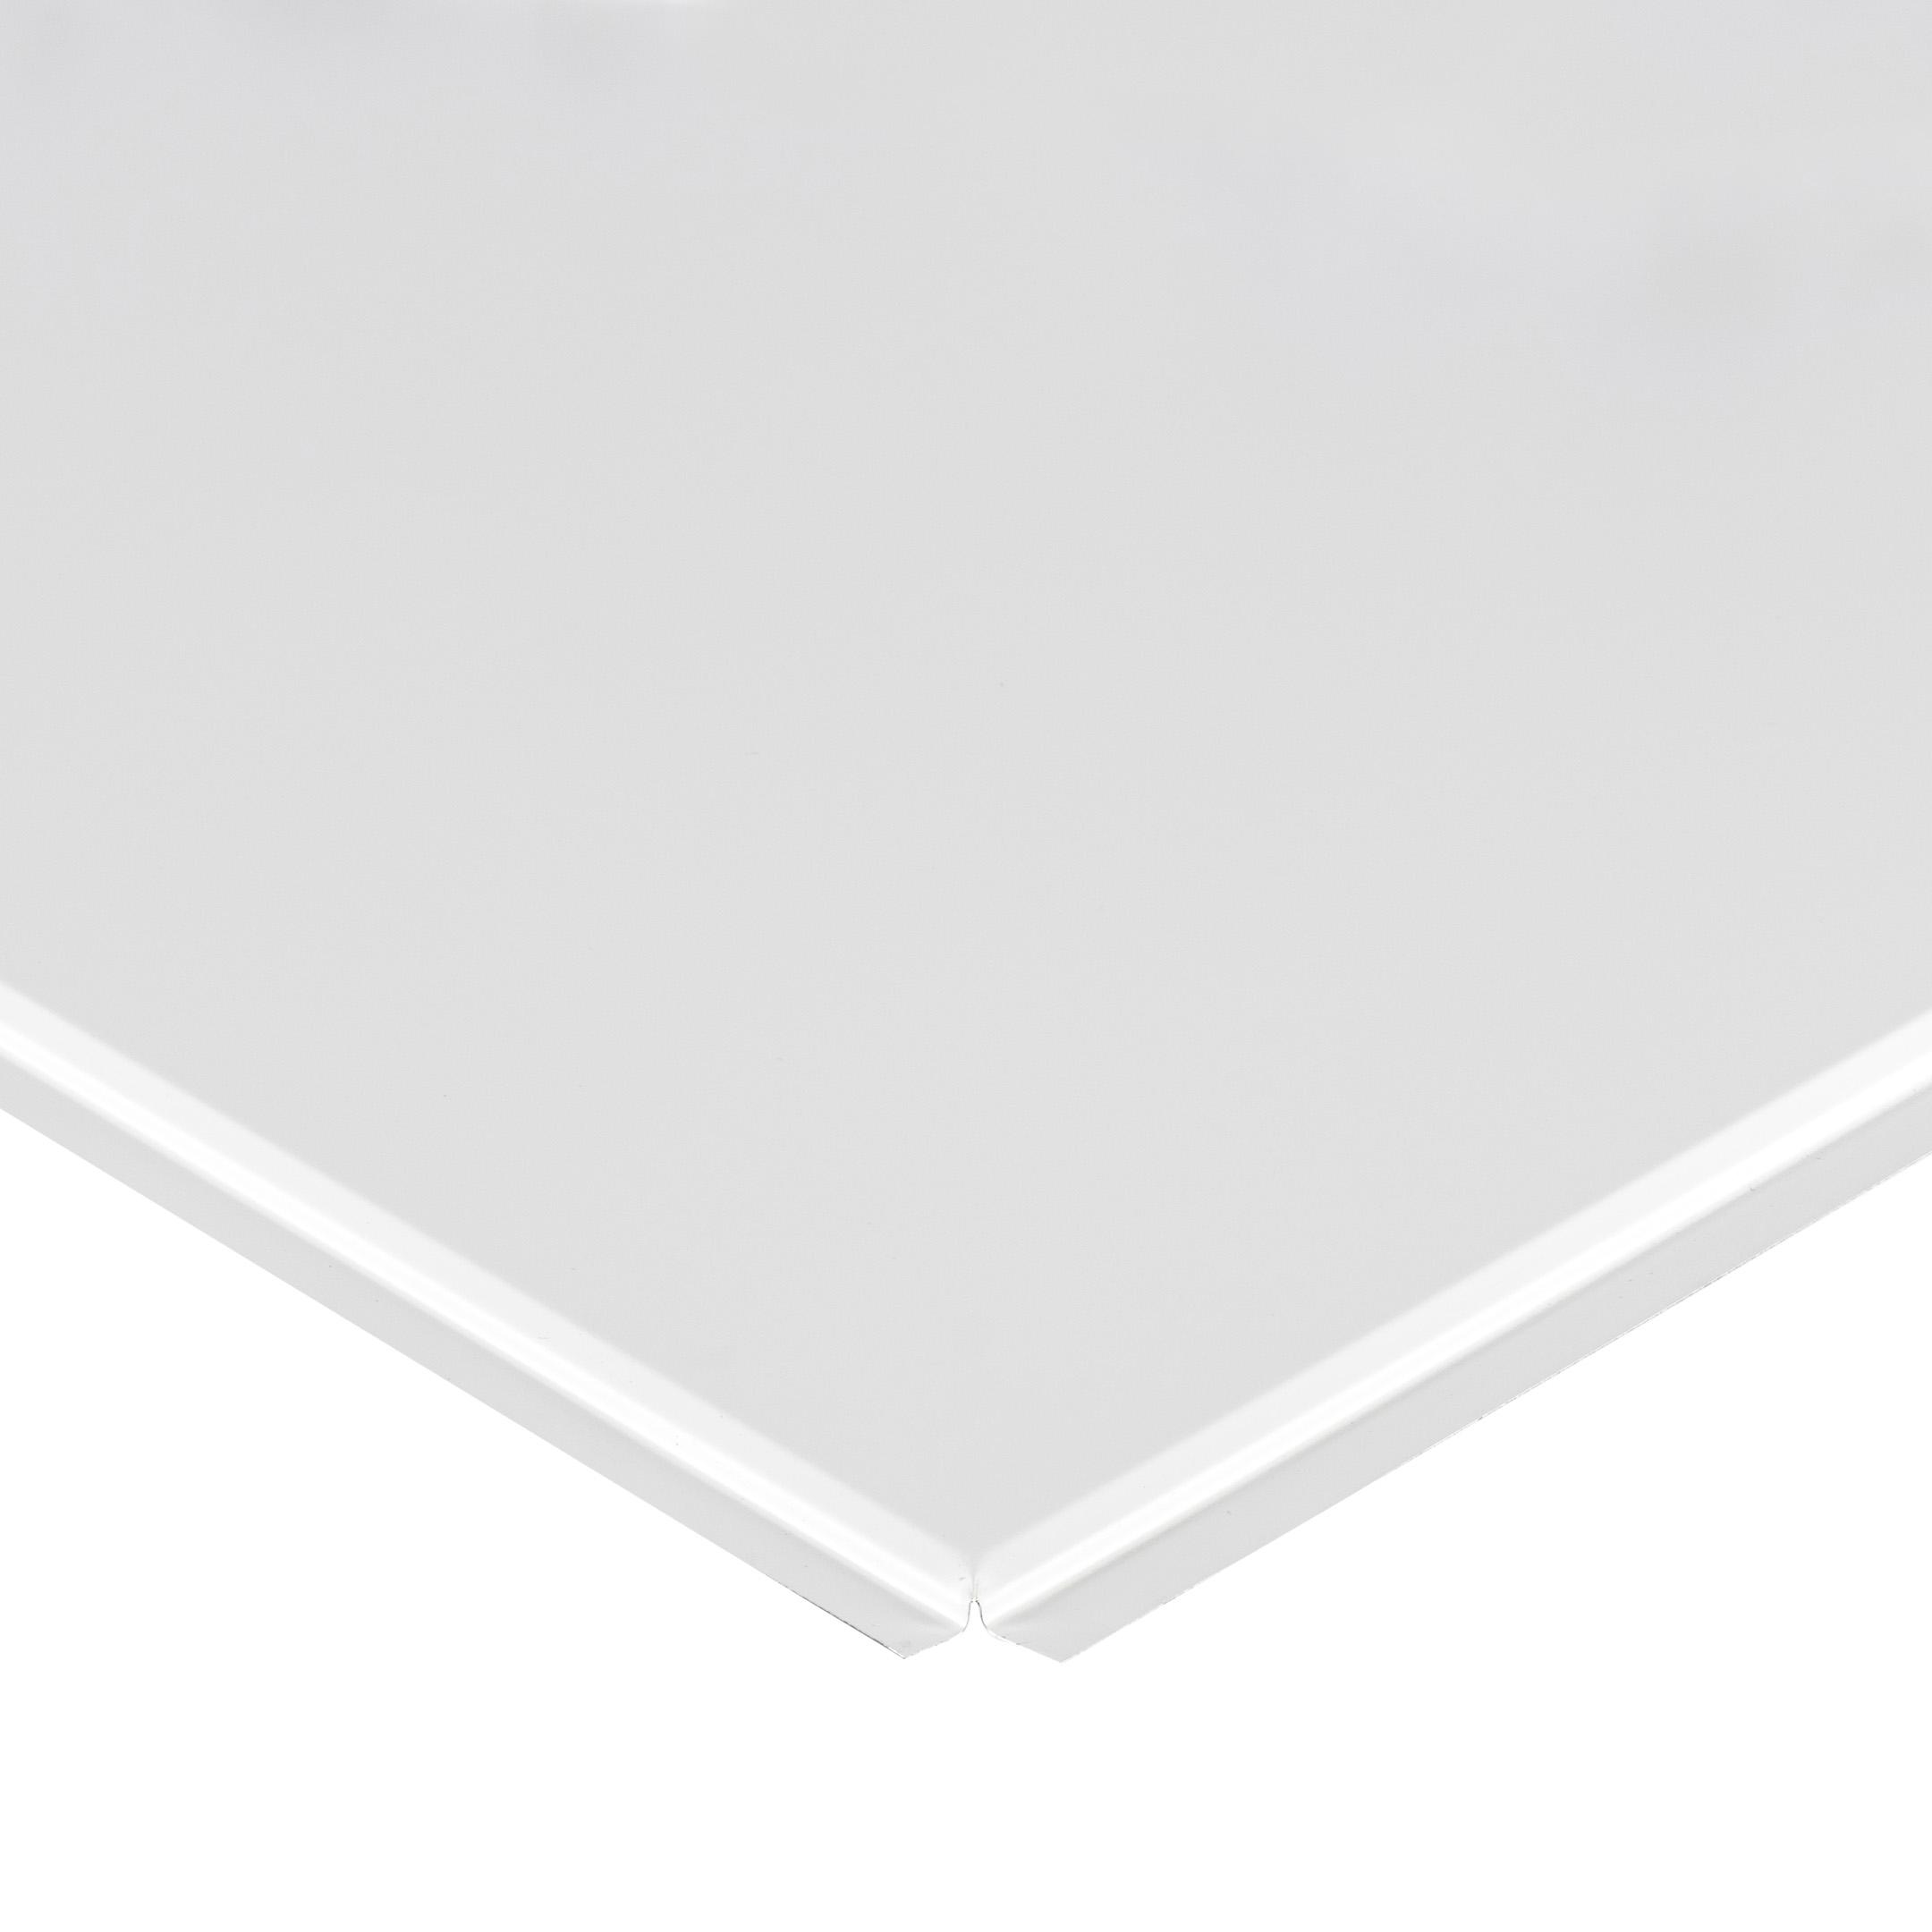 Плита к подвесному потолку кассетная алюминиевая 600х600 мм Албес Tegular Эконом белая матовая